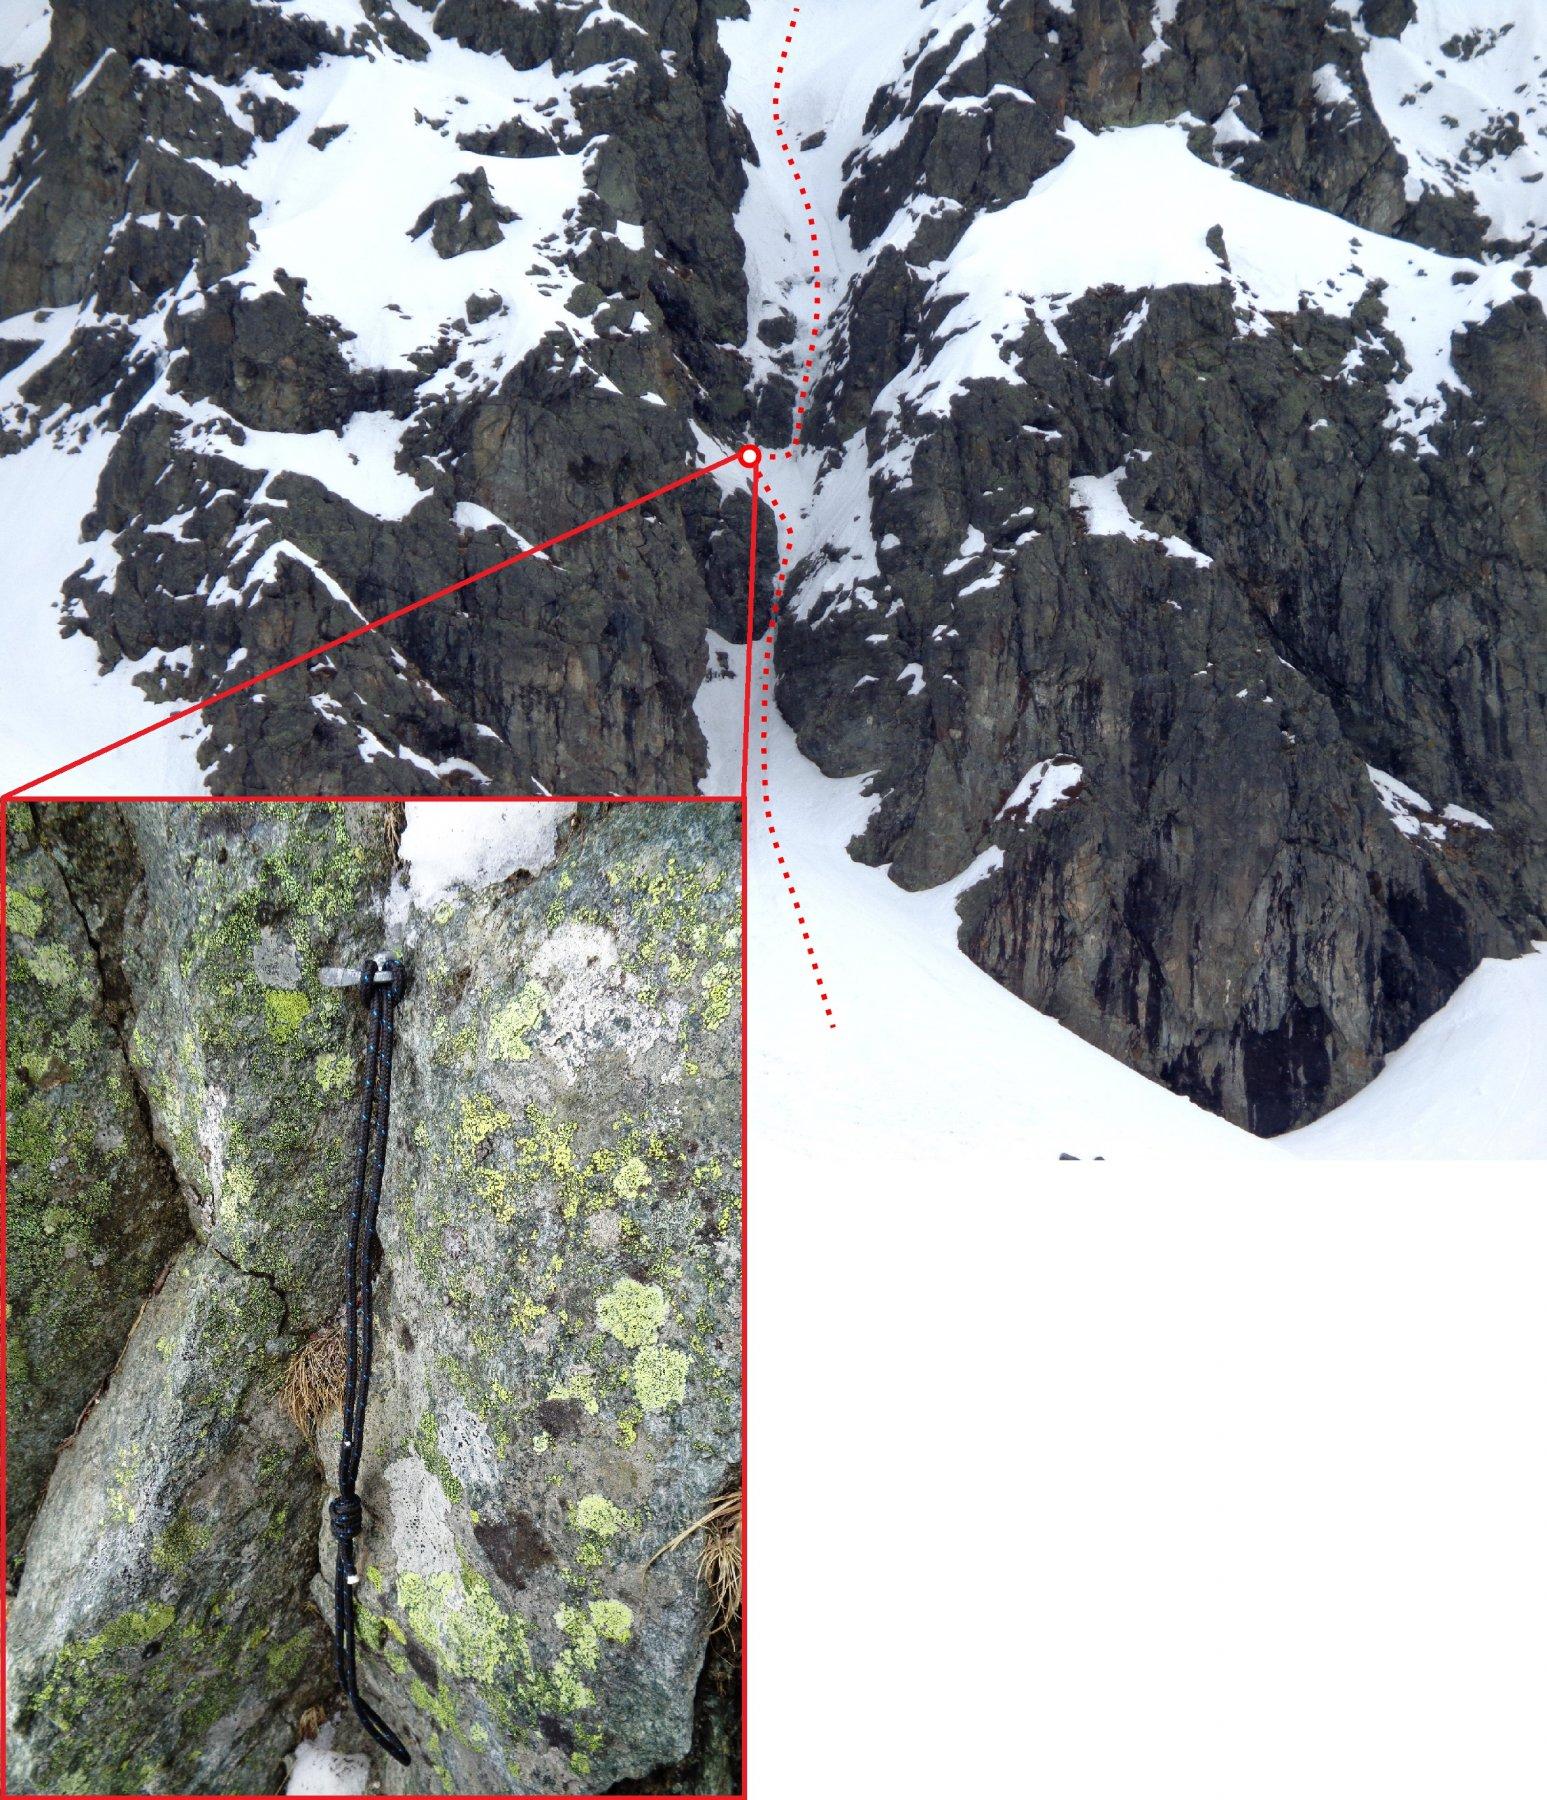 Parte bassa del percorso (il pallino indica la posizione del ch. di sosta nel dettaglio)